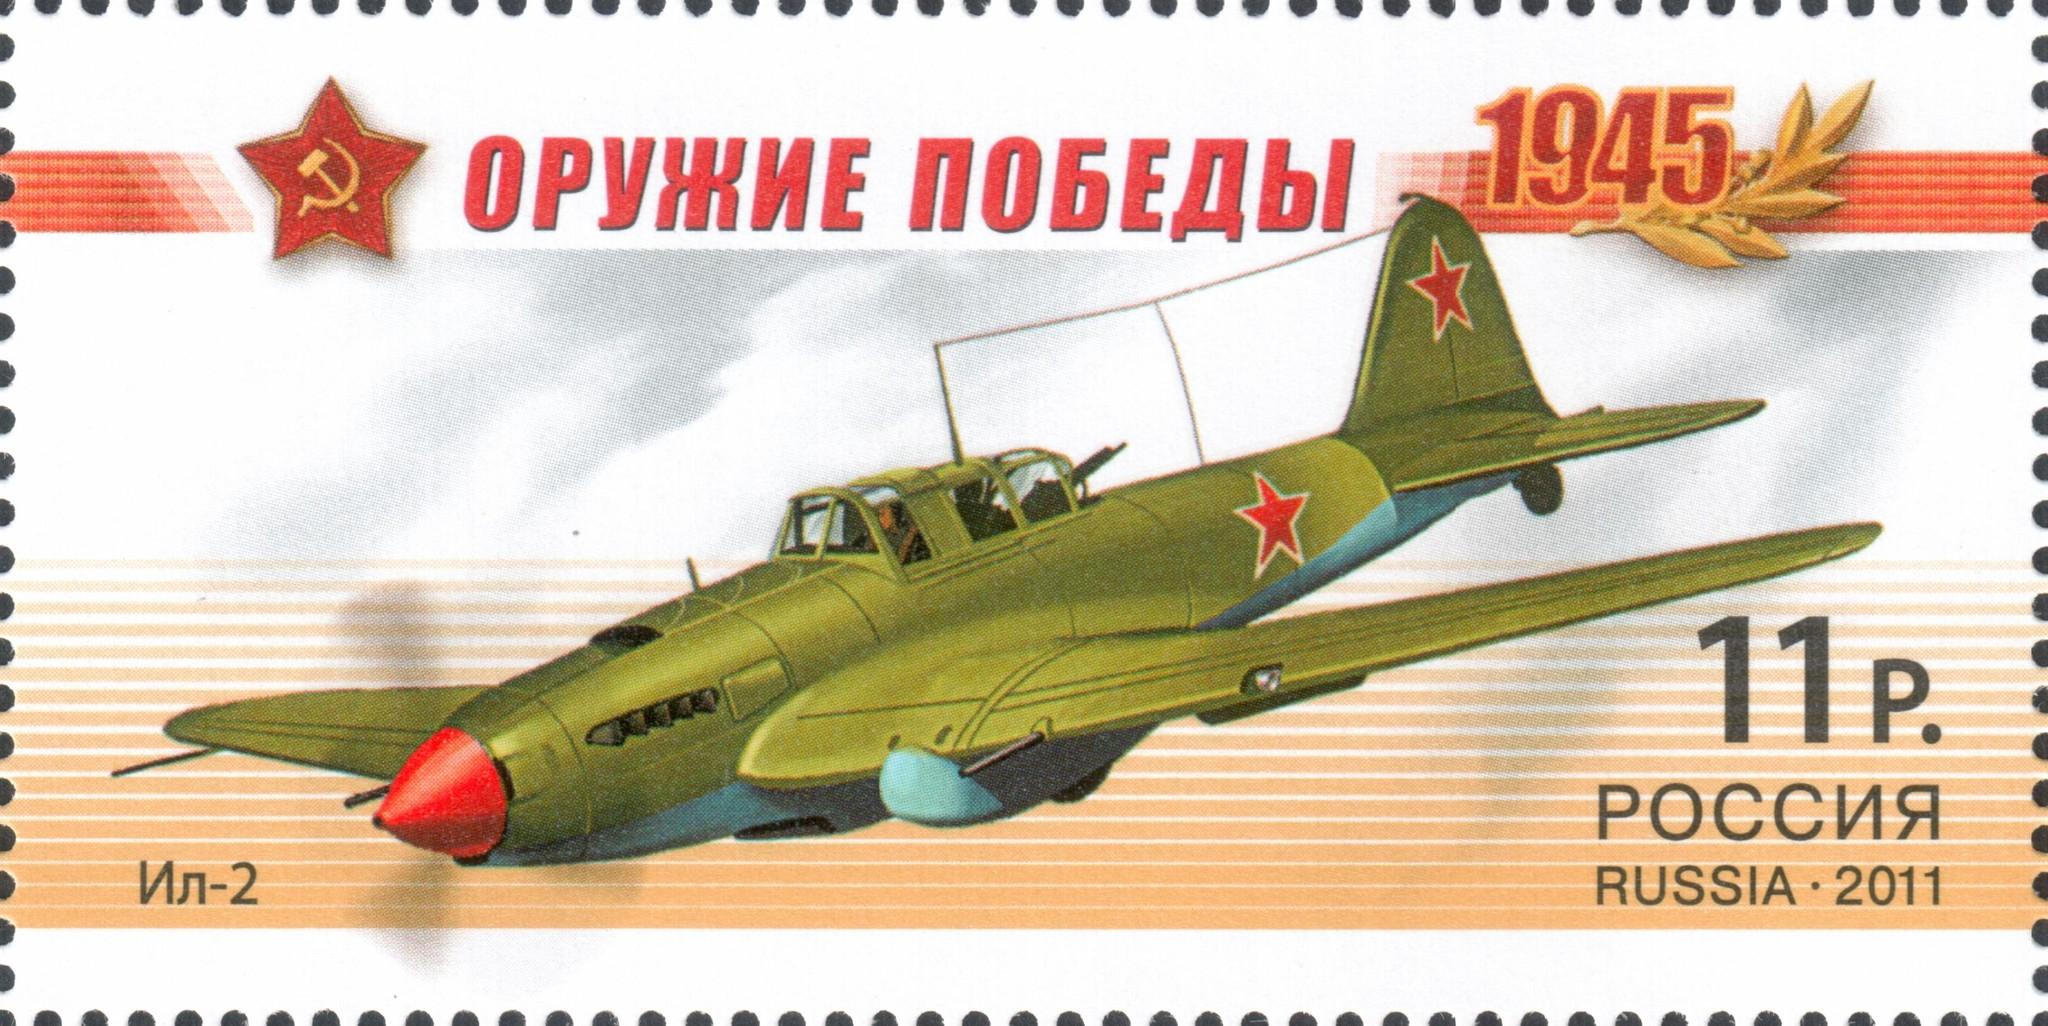 Ил-2 - знаменитый